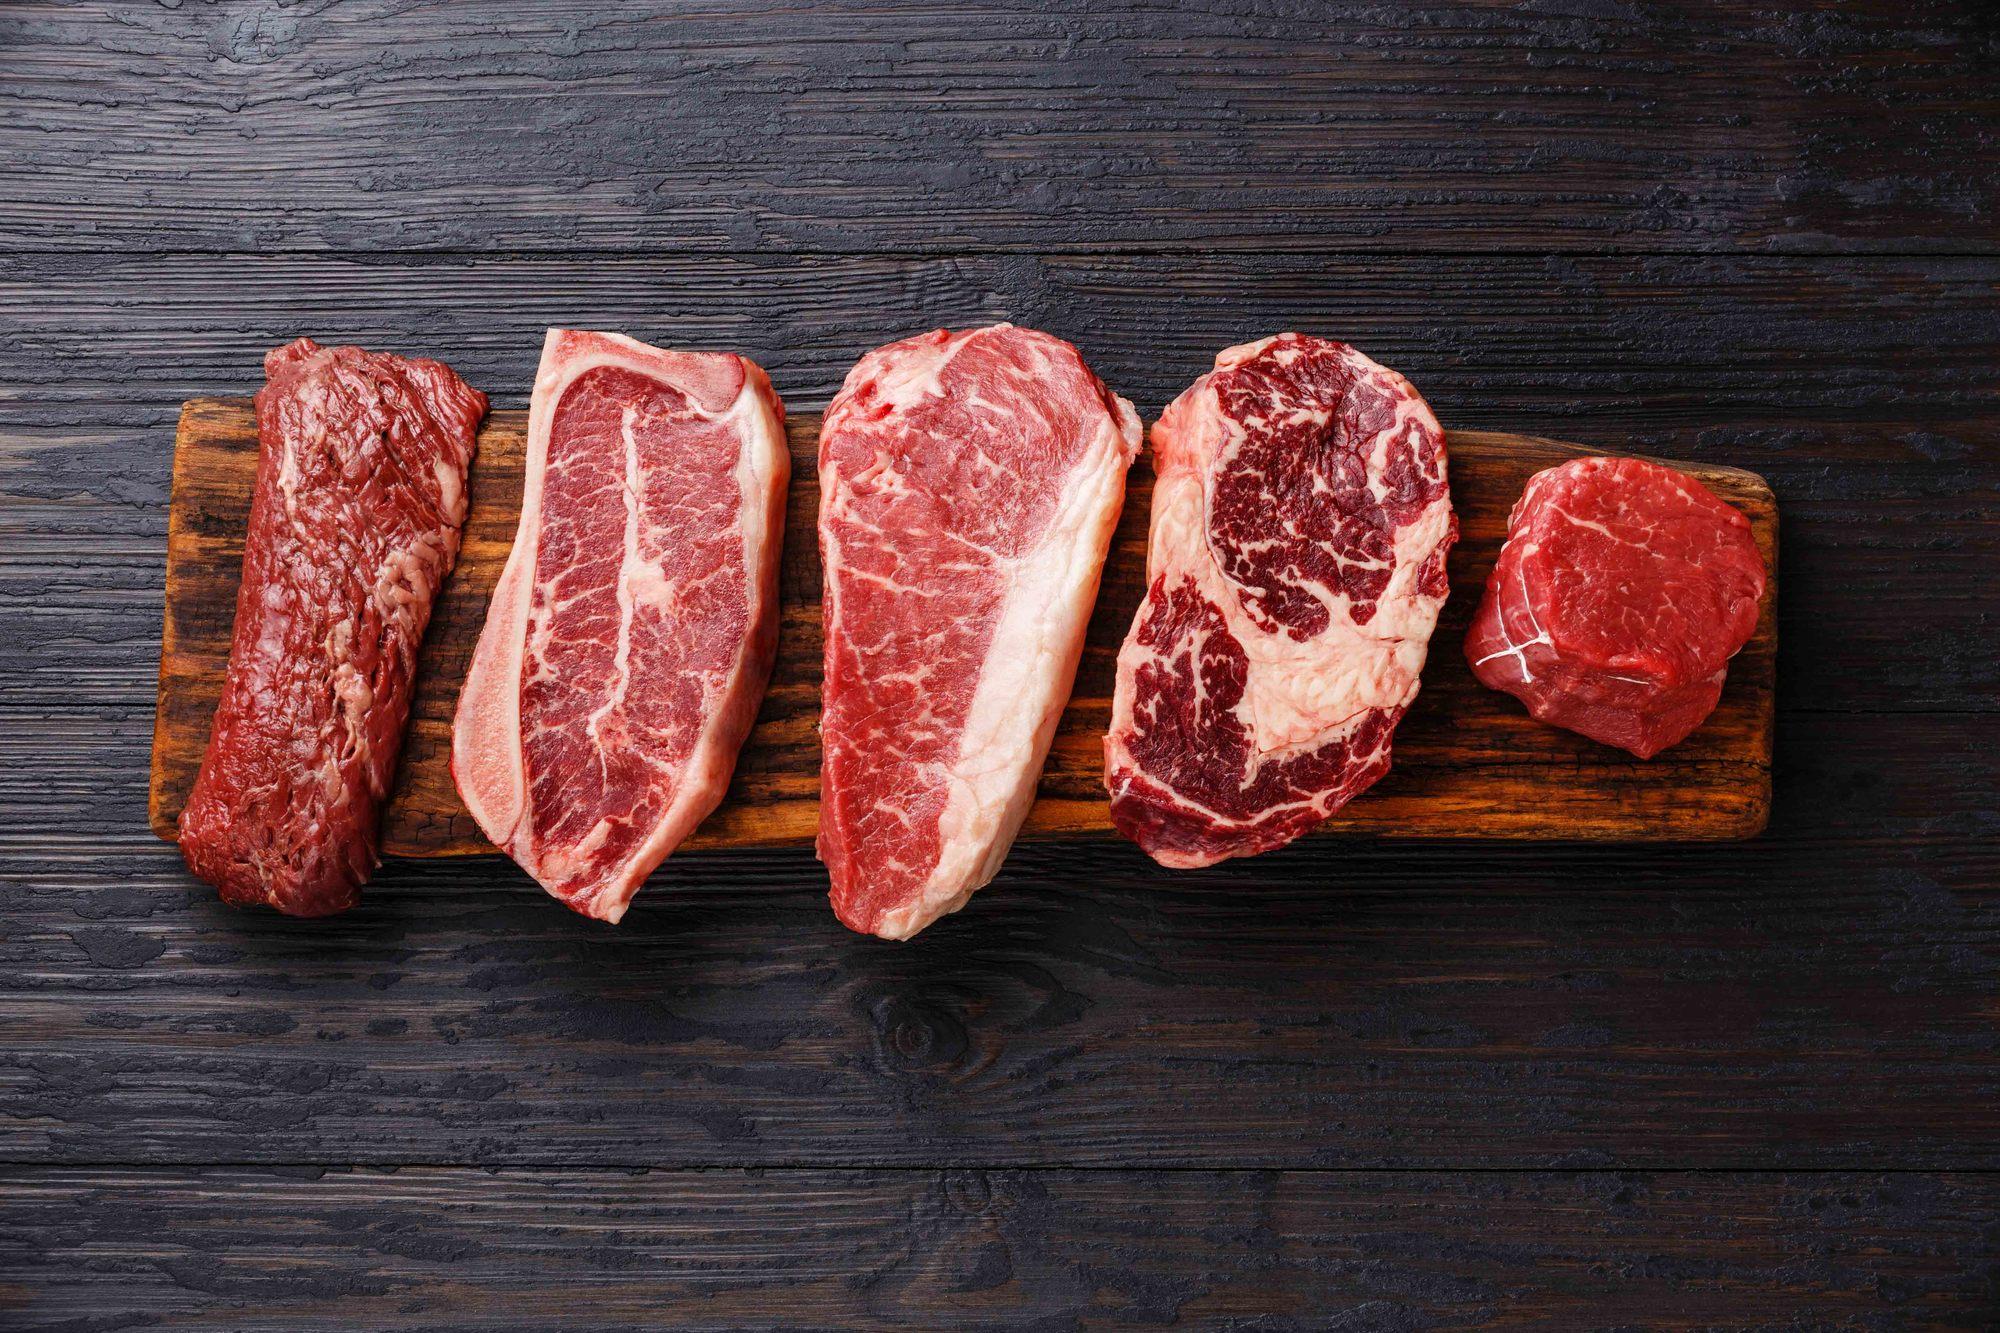 Beginilah cara merebus daging sapi agar cepat empuk